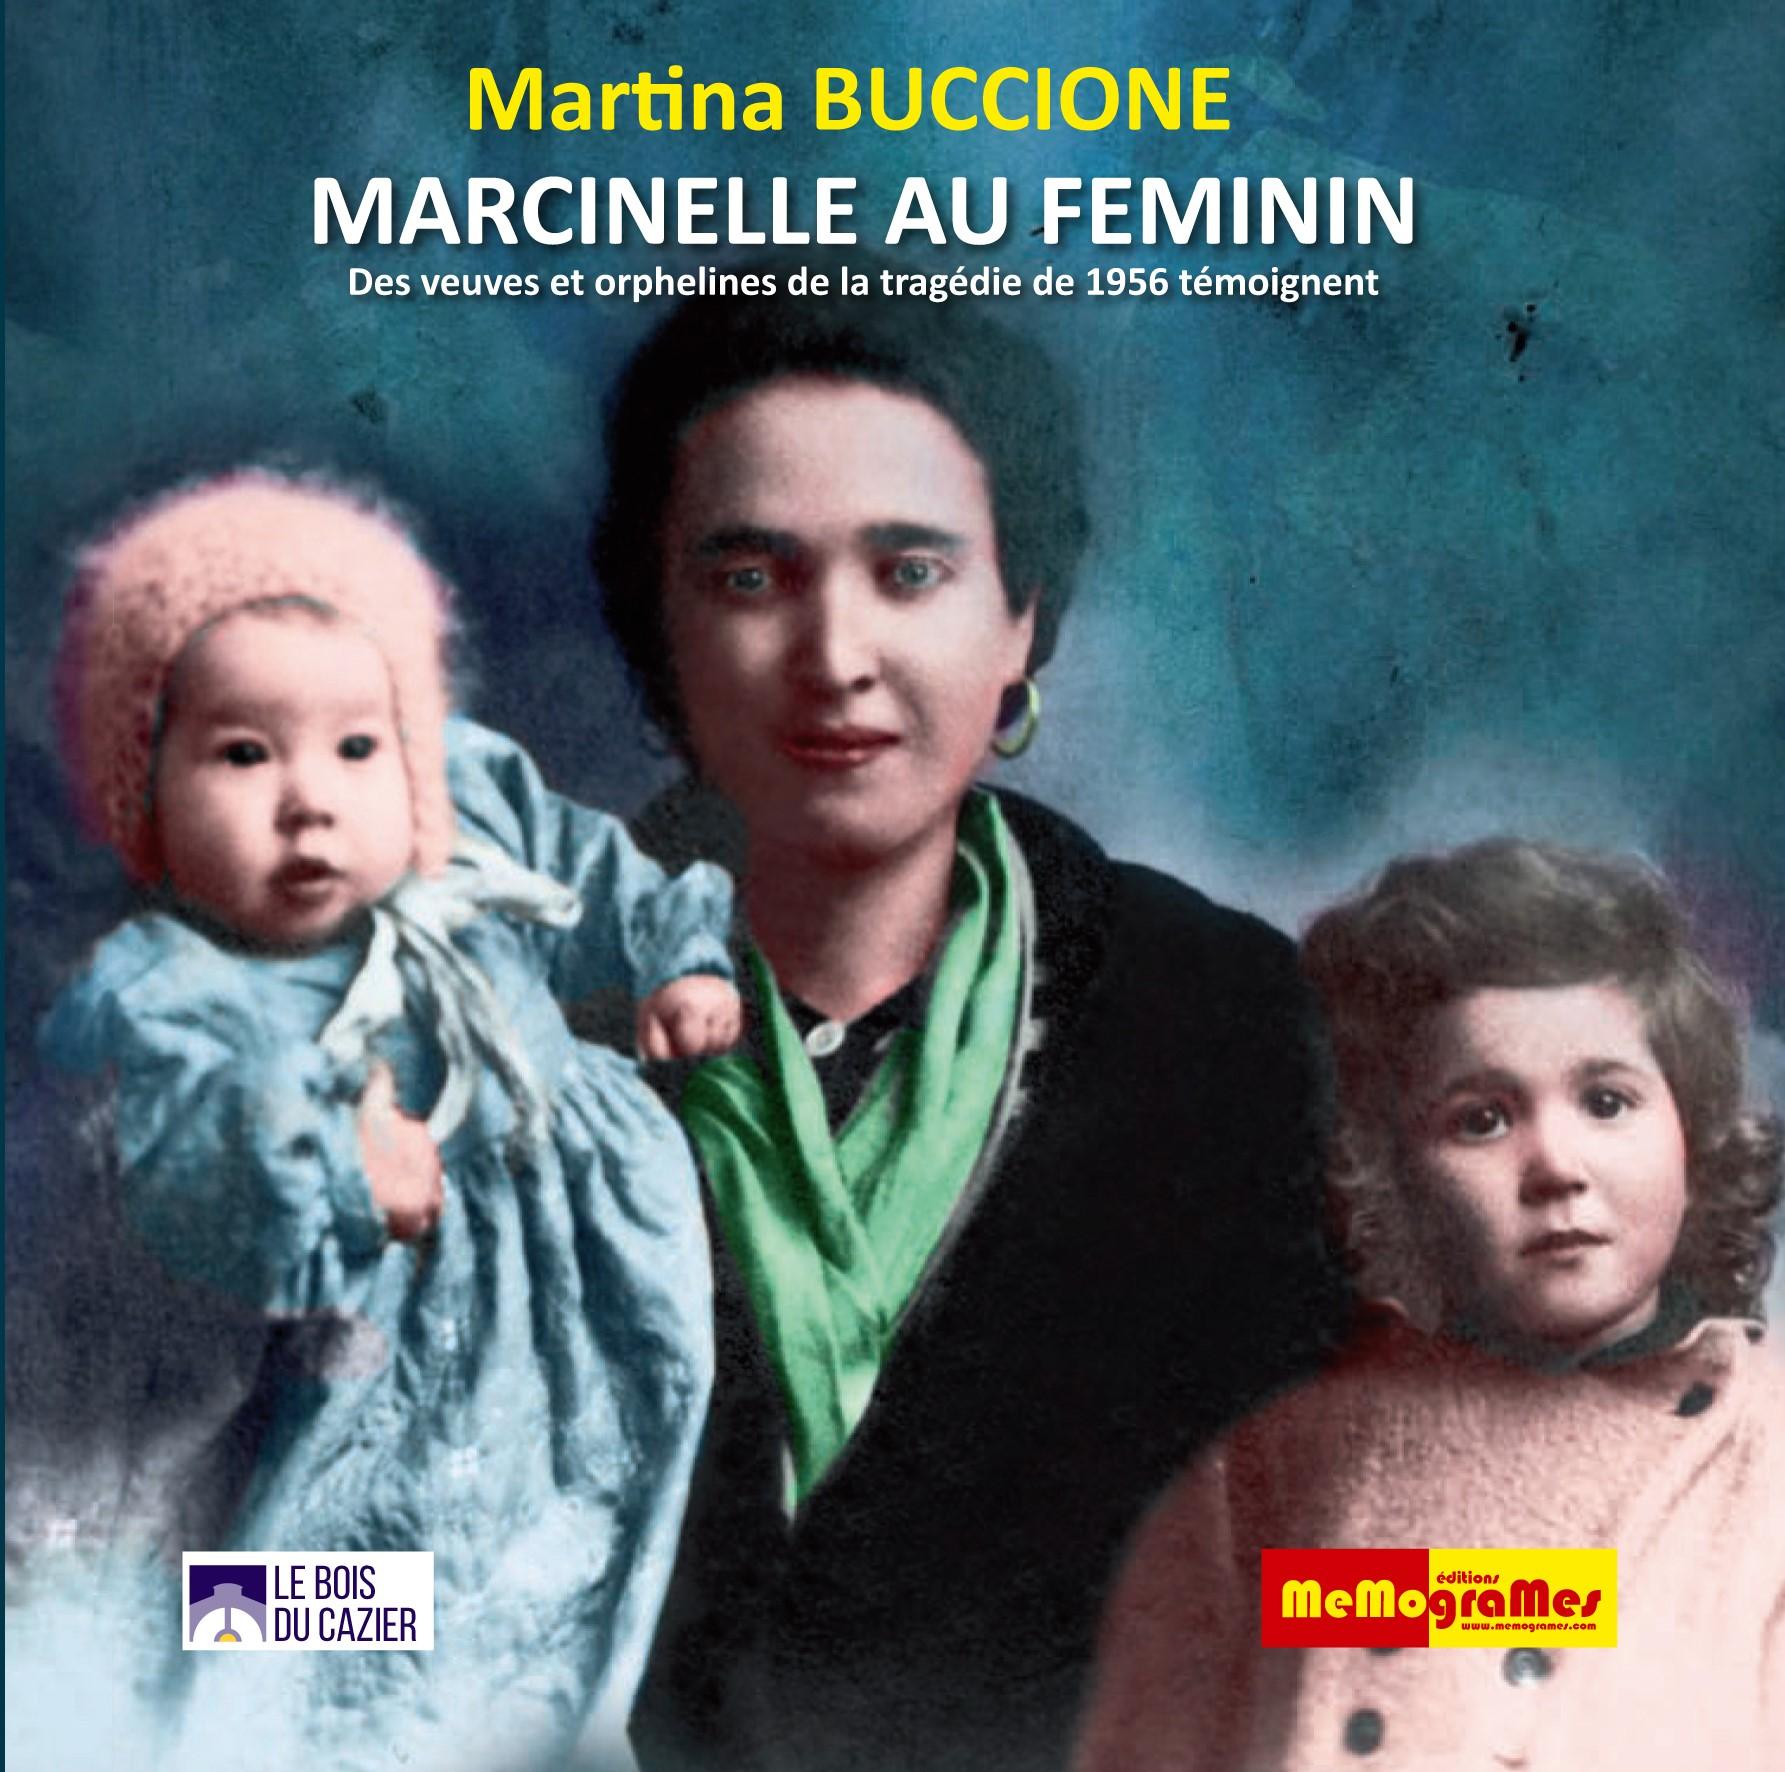 Marcinelle au féminin - Cover - 2021.07.07 - PAGE 1